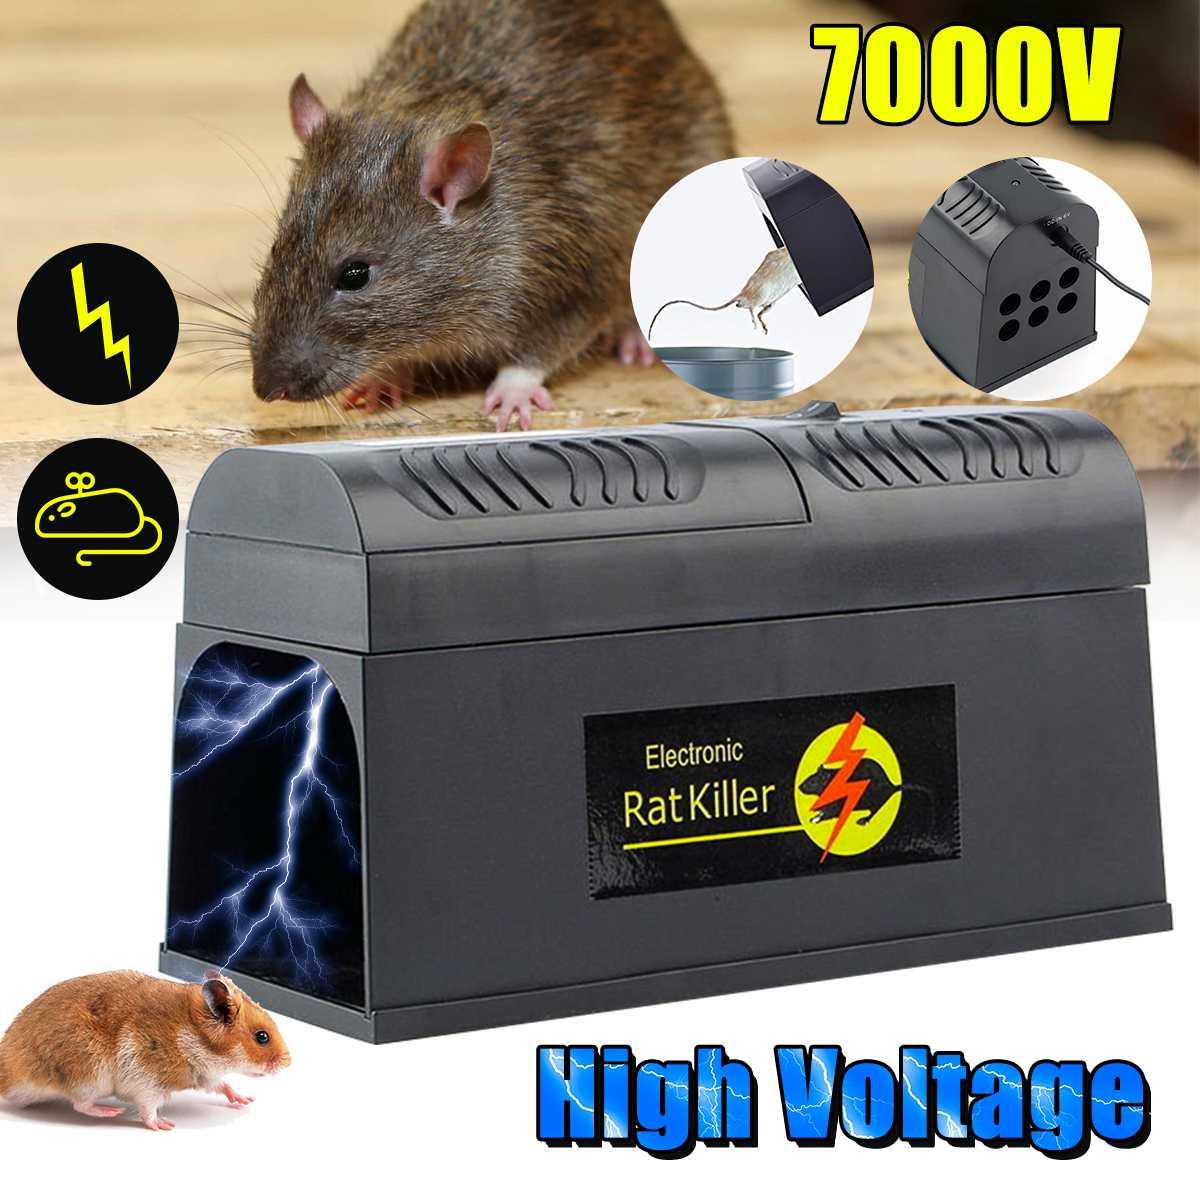 EU/US/UK Plug Electric Mouse Rat Trap Mouse Killer Electronic Rodent Mouse Zapper Trap Humane Rodent Mousetrap Device|Traps| |  - title=